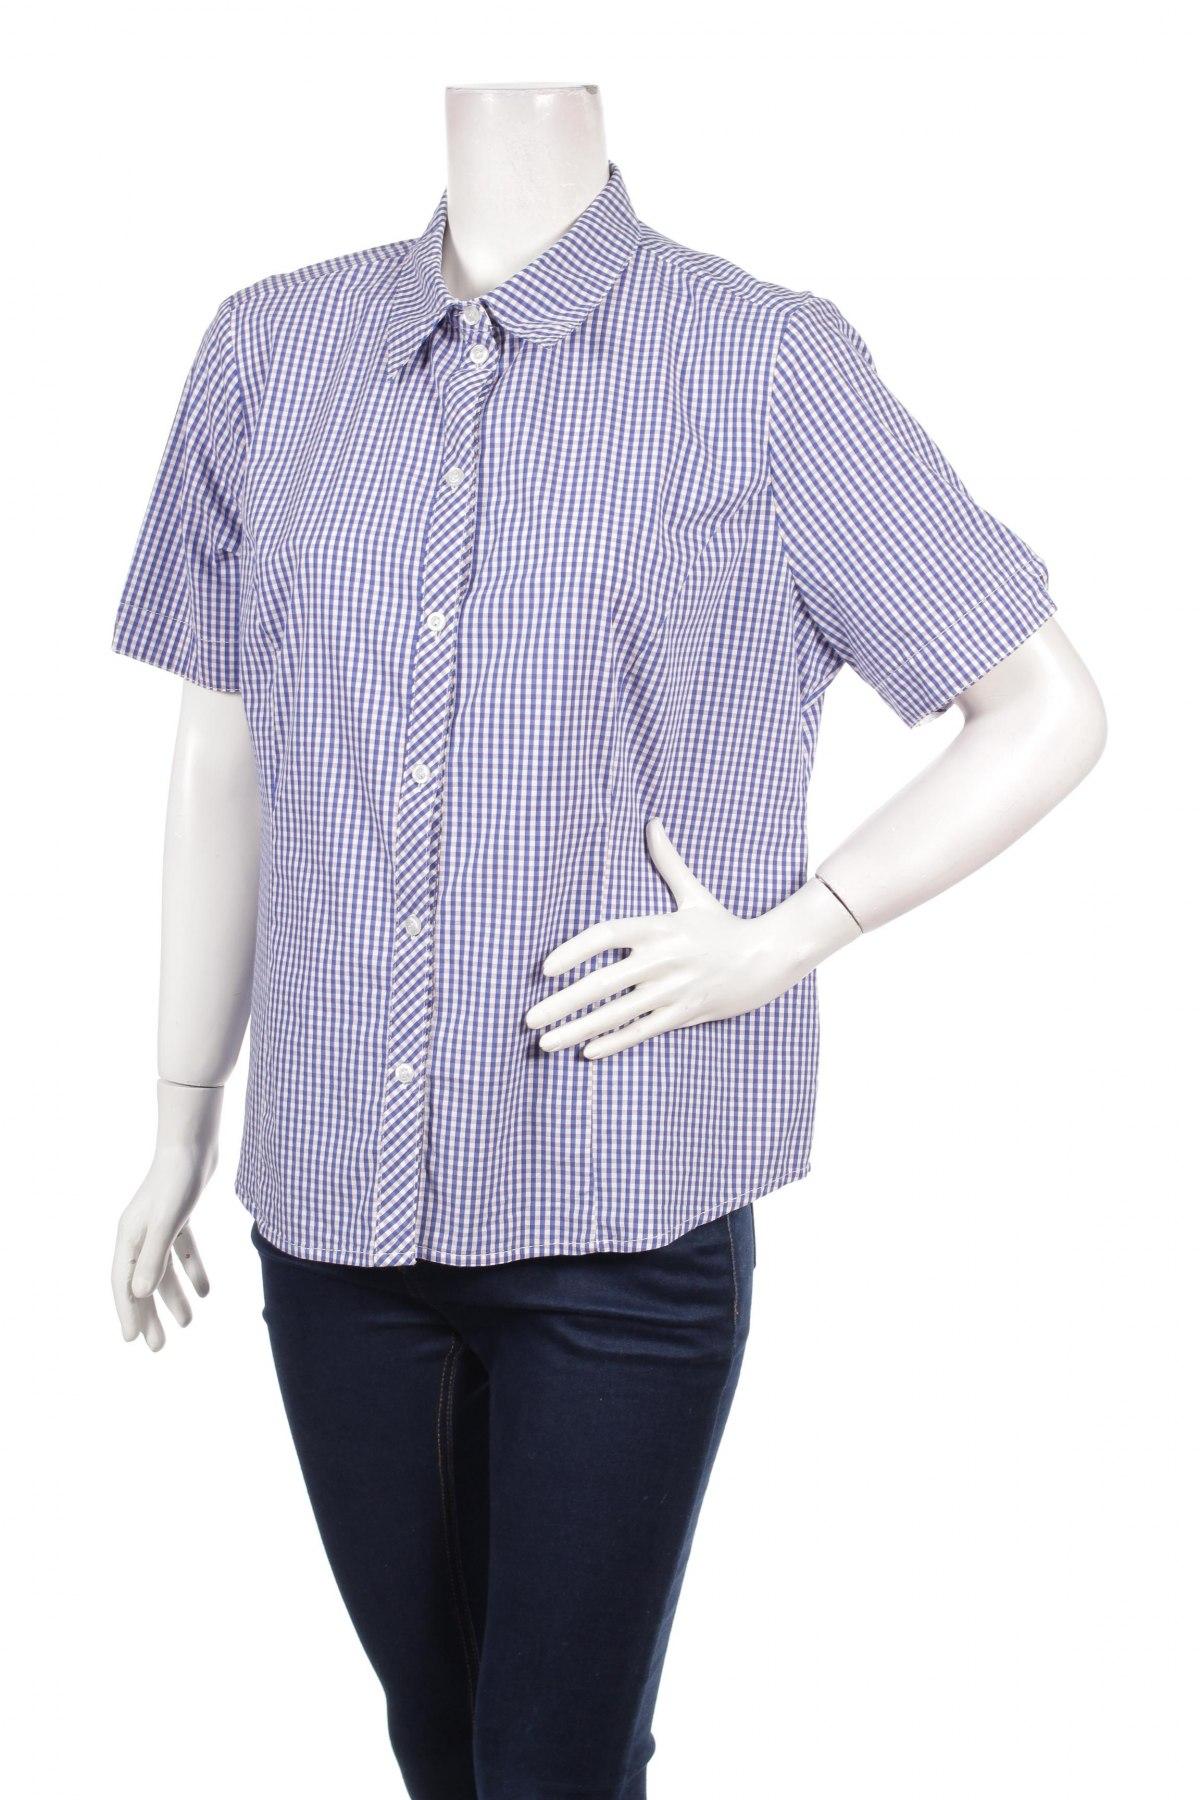 Γυναικείο πουκάμισο Adagio